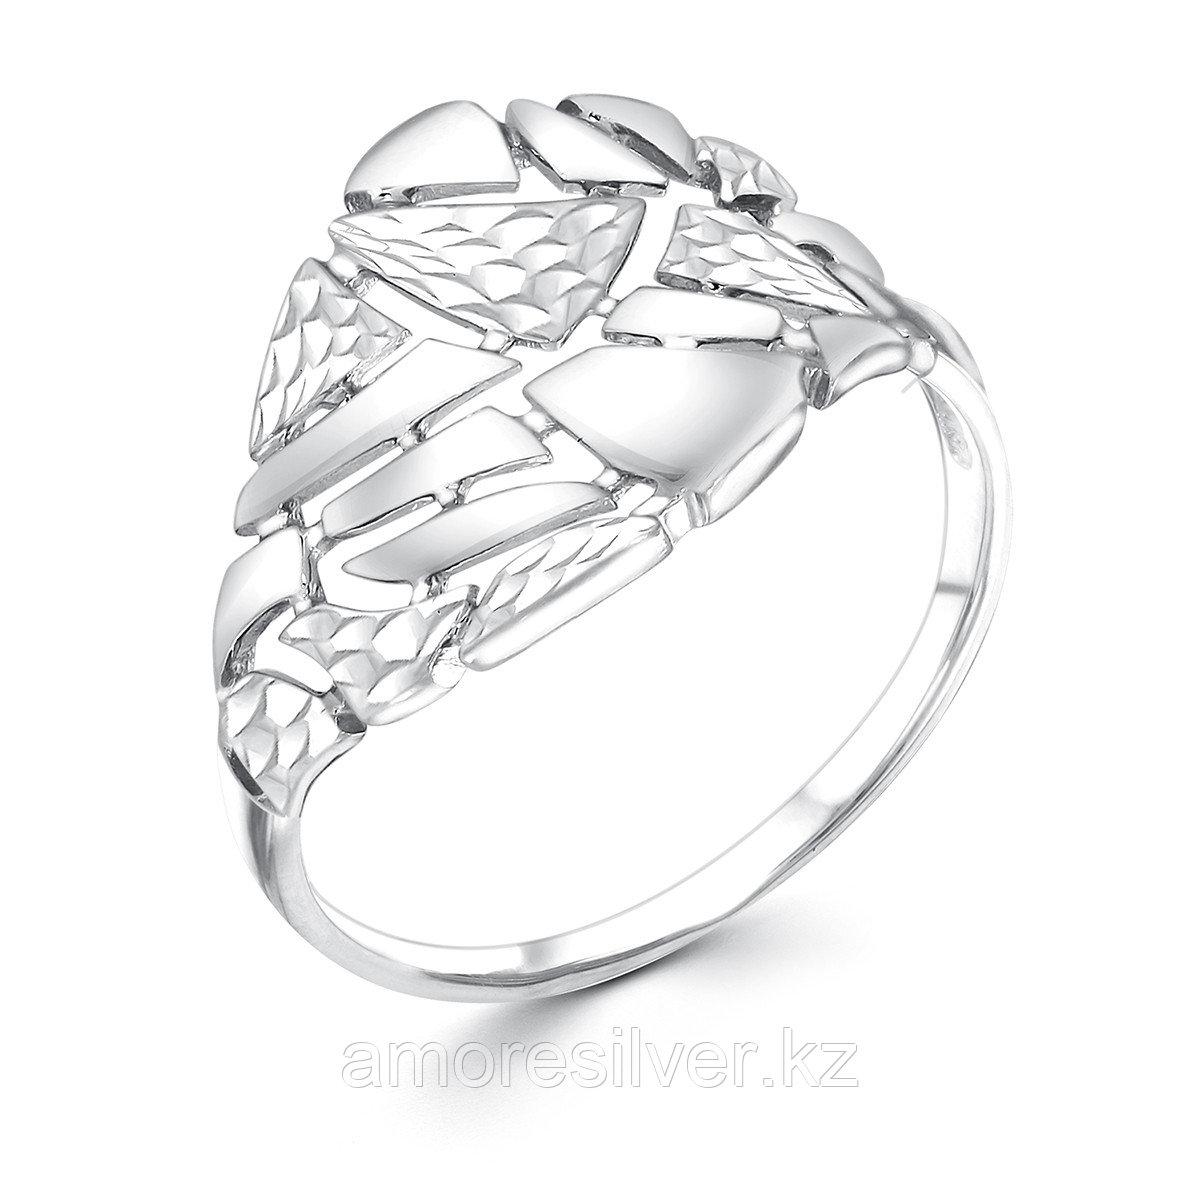 Кольцо Золотые узоры  серебро с родием, без вставок, с английским замком, фантазия 91-01-0698-00 размеры -